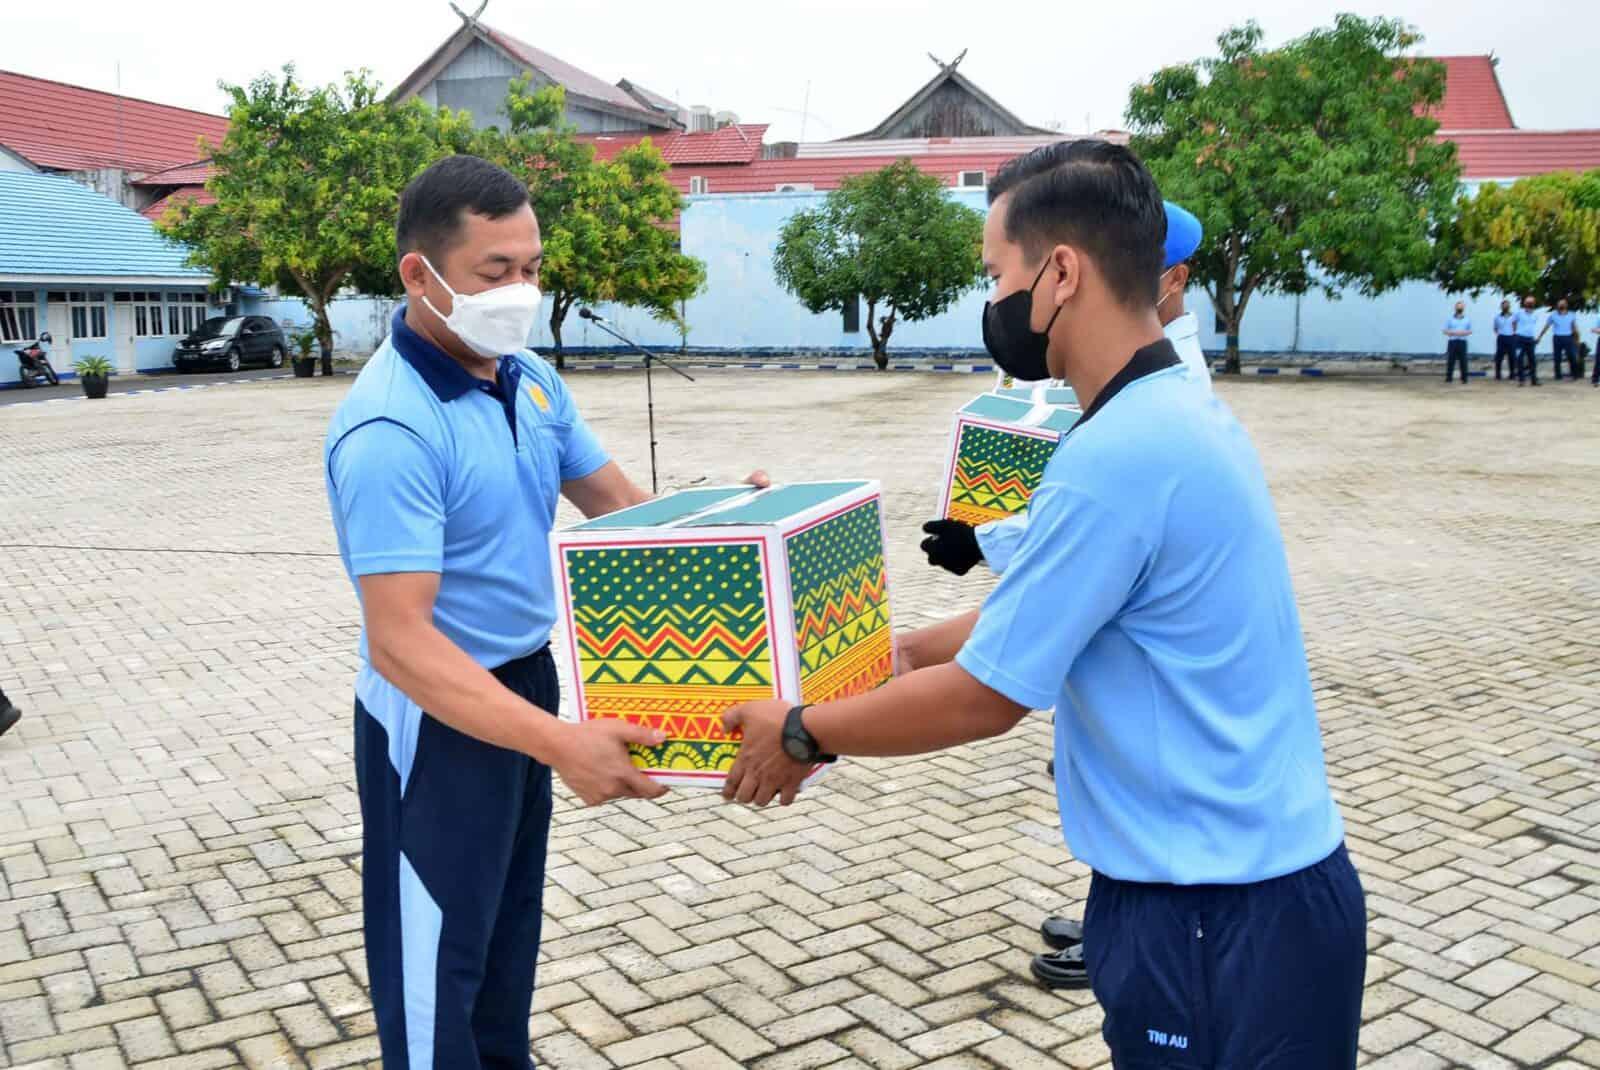 Wujud Perhatian dan Peduli Kebutuhan Personel, Komandan Lanud Sjamsudin Noor Bagikan Bingkisan Paket Lebaran Secara Simbolis